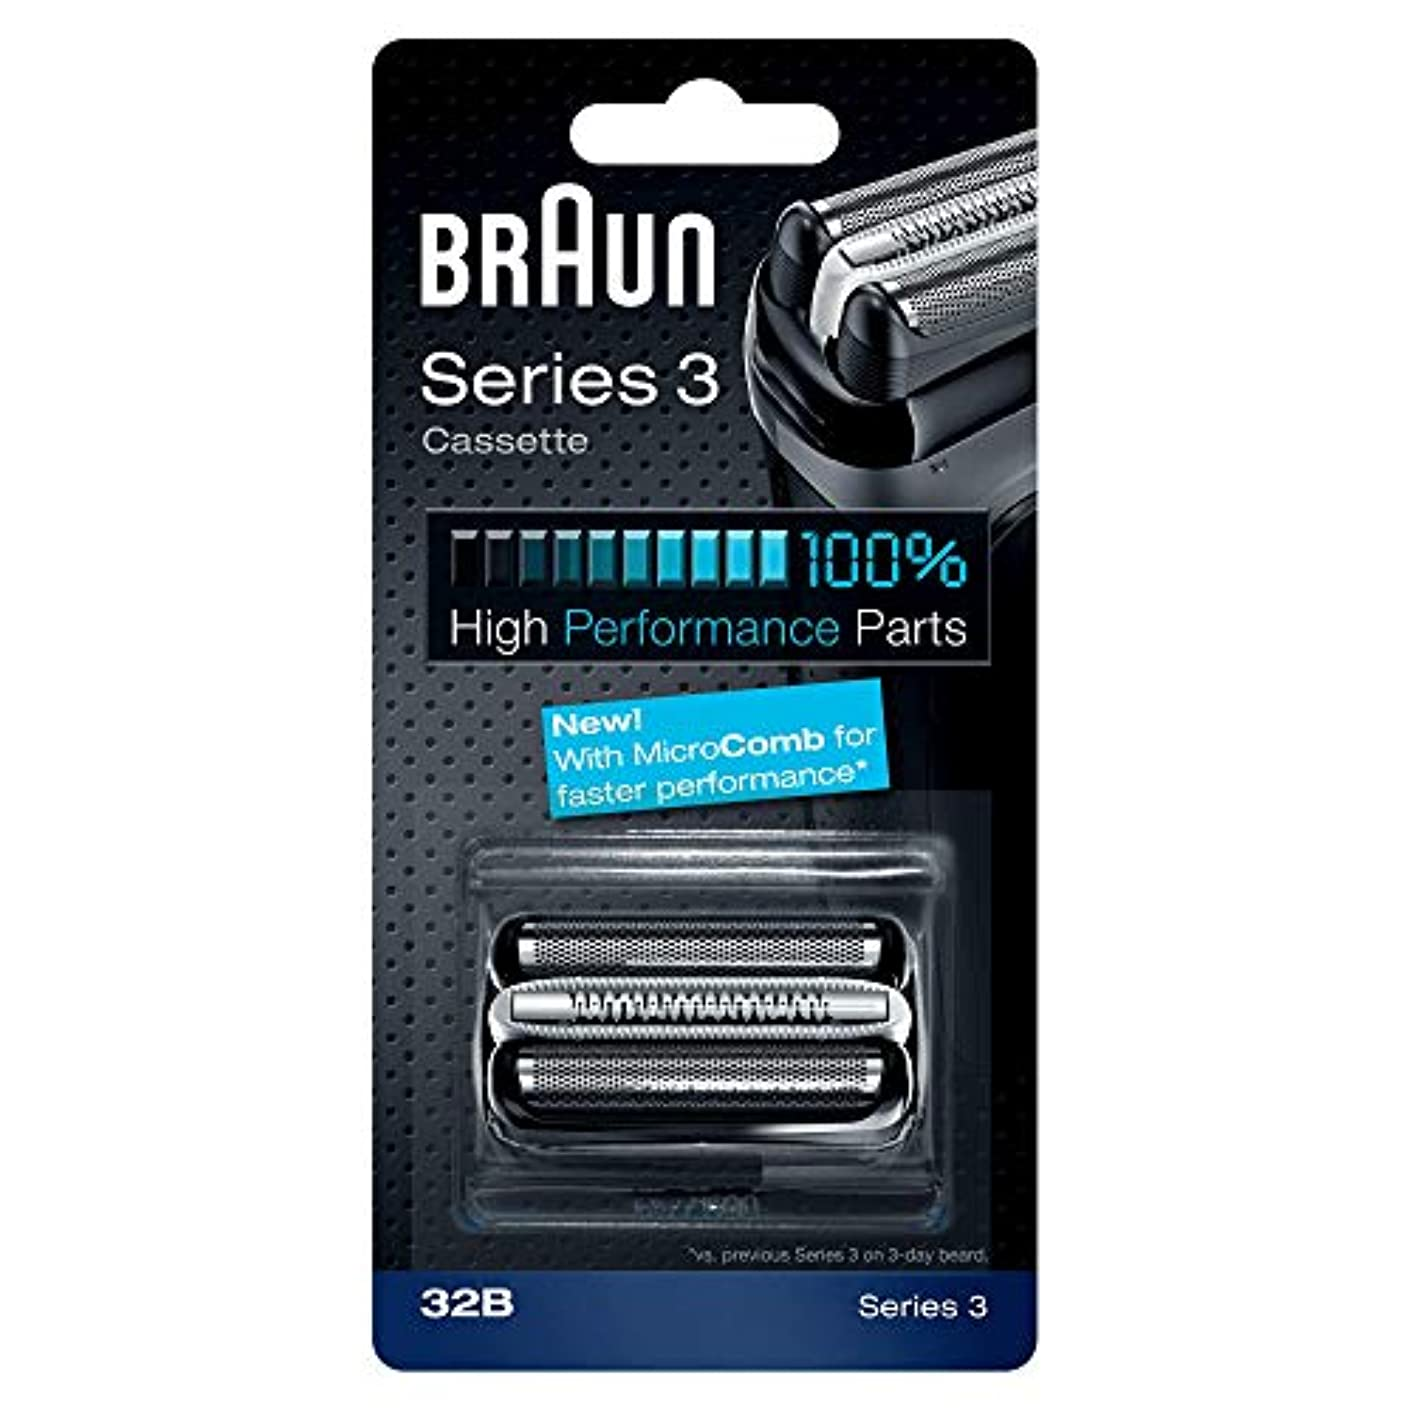 フルーツ閉じ込めるミルBRAUN 32B Series 3 Shaver Cassette MicroComb交換ヘッドをフォイルカッター& [並行輸入品]